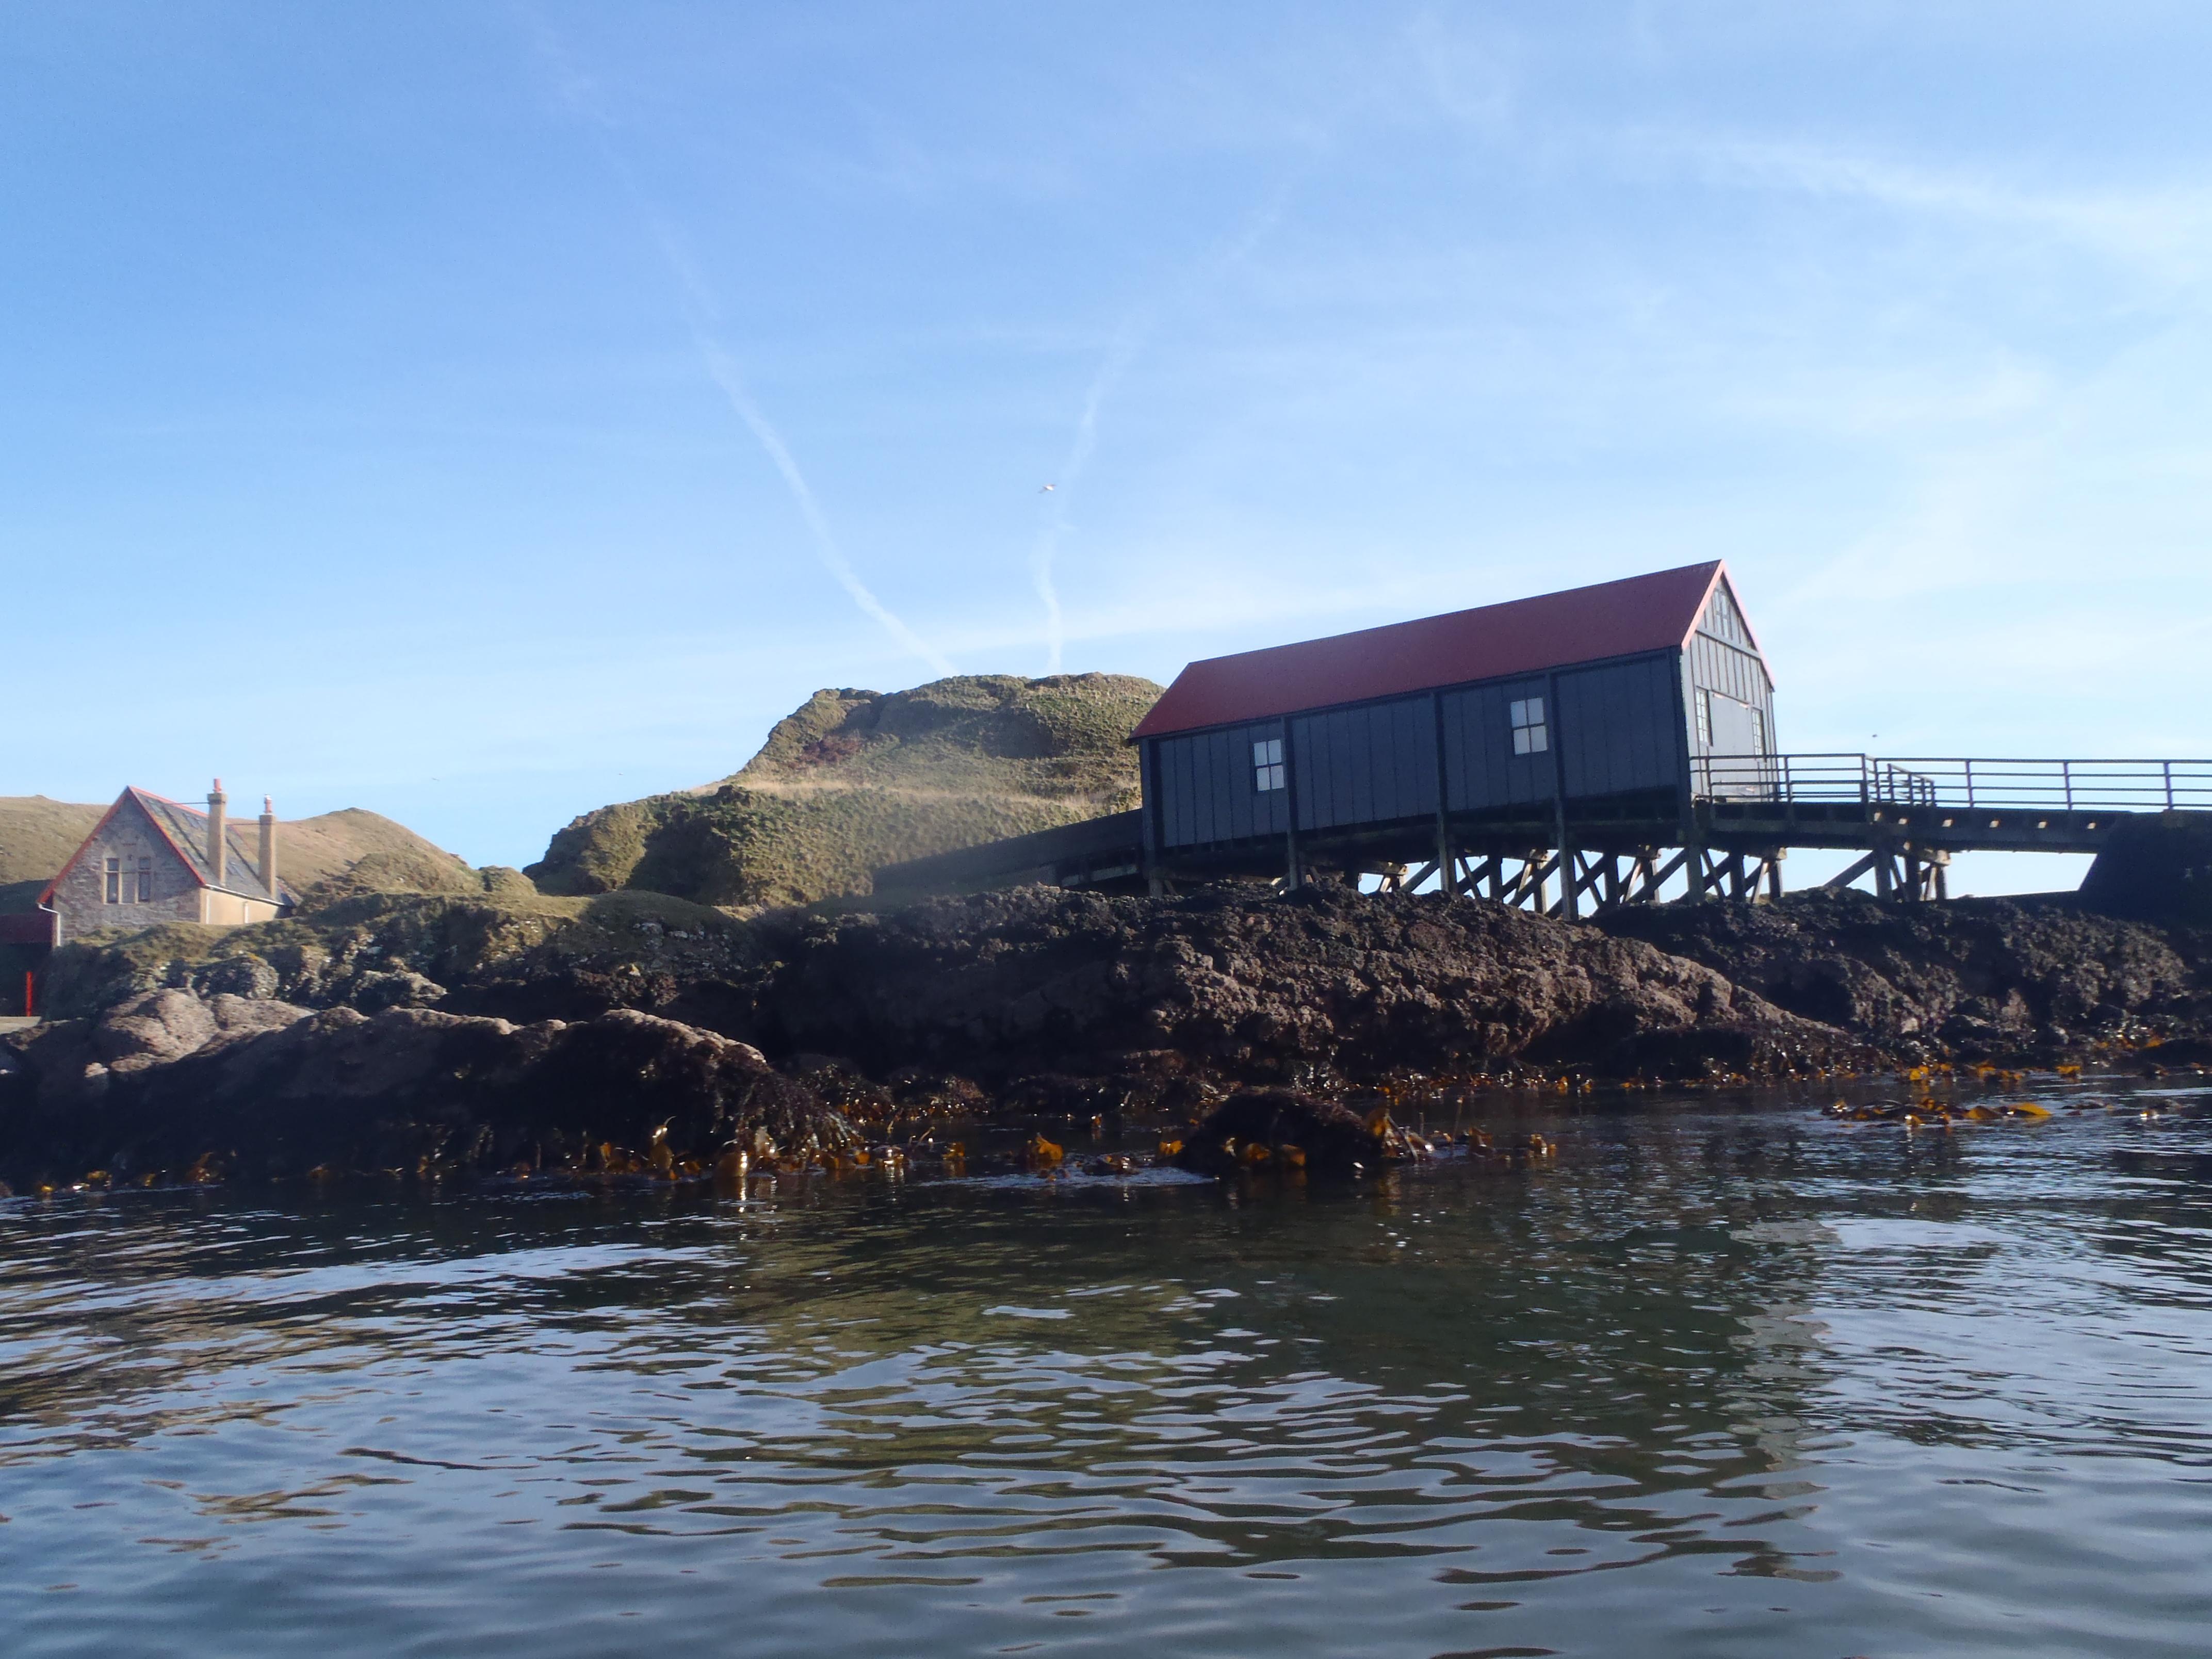 Dunaverty Boat House